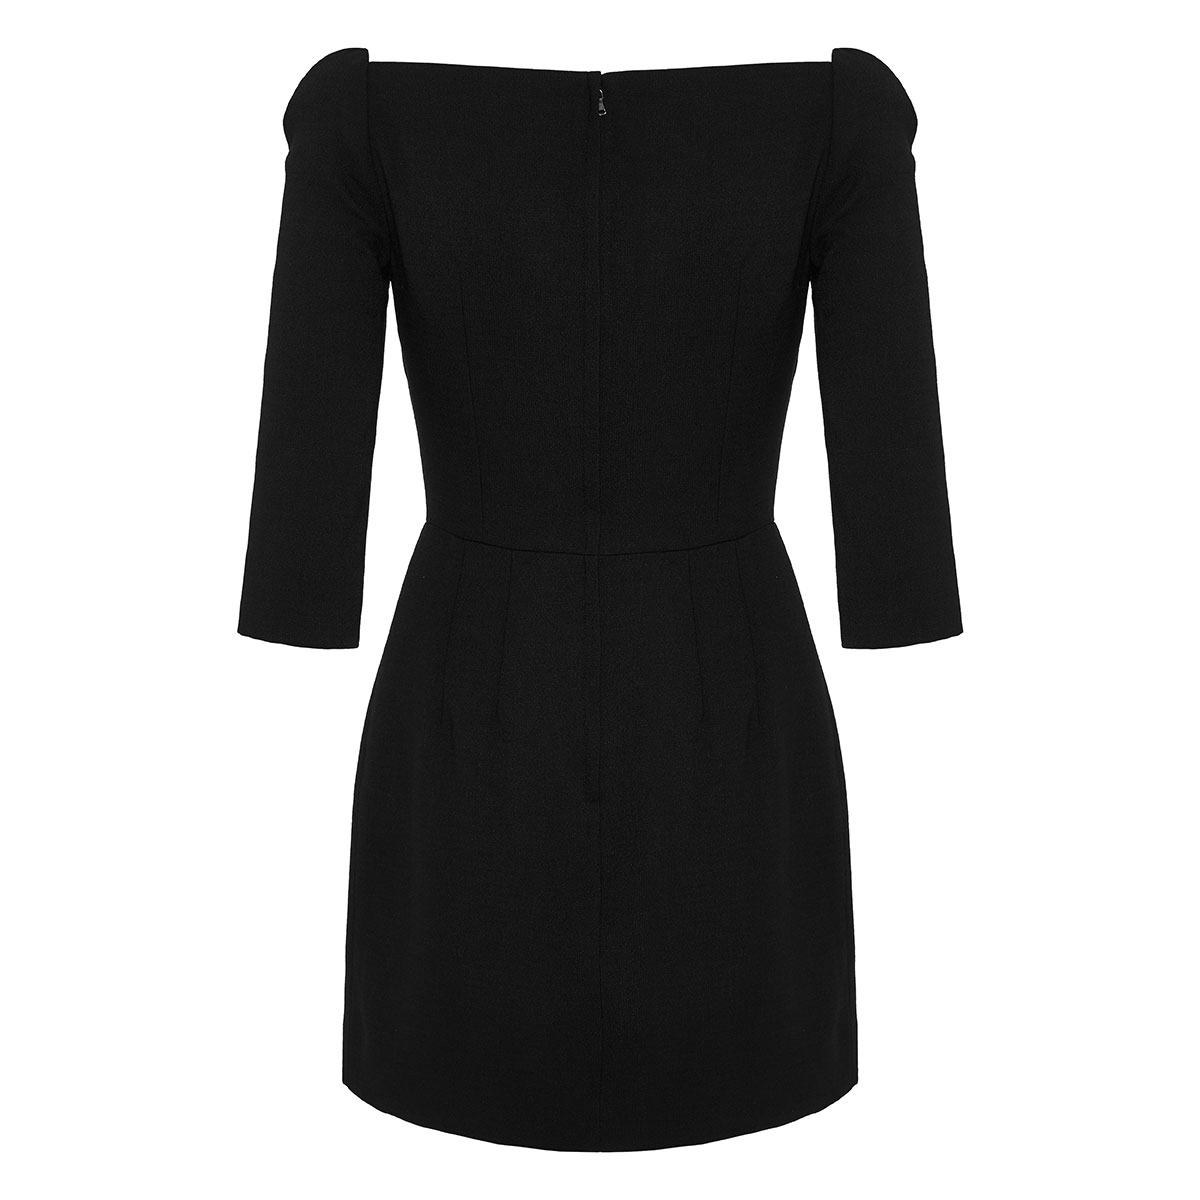 Square-neck crepe mini dress